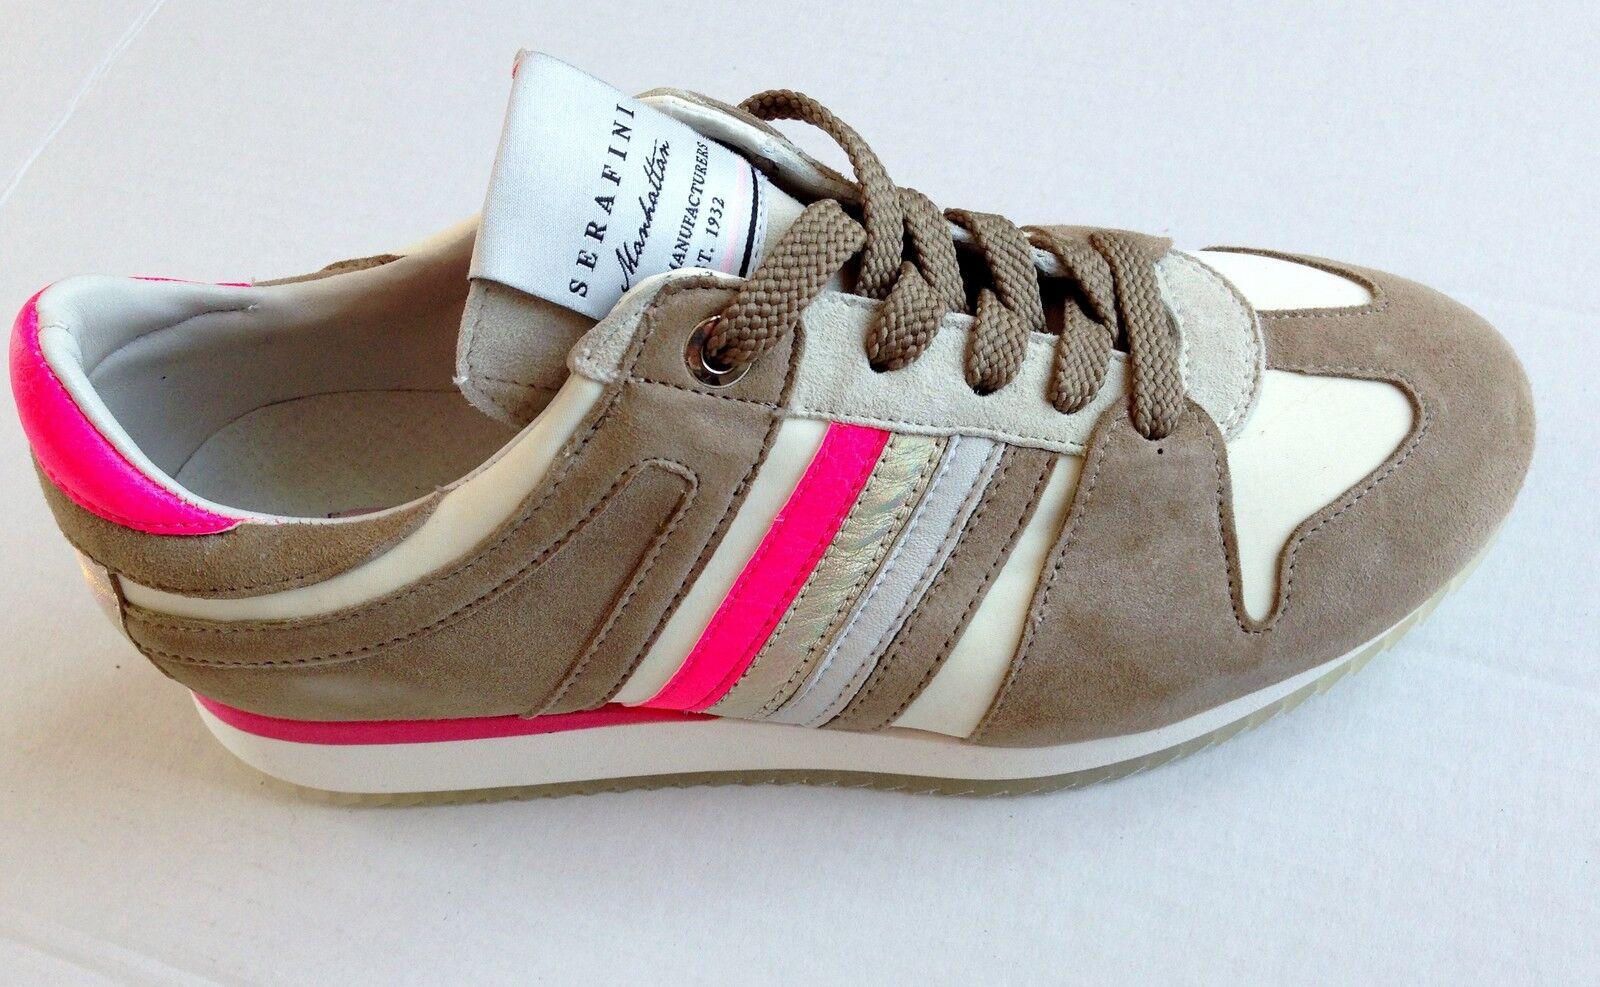 Serafini Manhattan zapatos zapatos zapatos zapatillas pelle zapatos mujer mujer 2782 3 3366e8